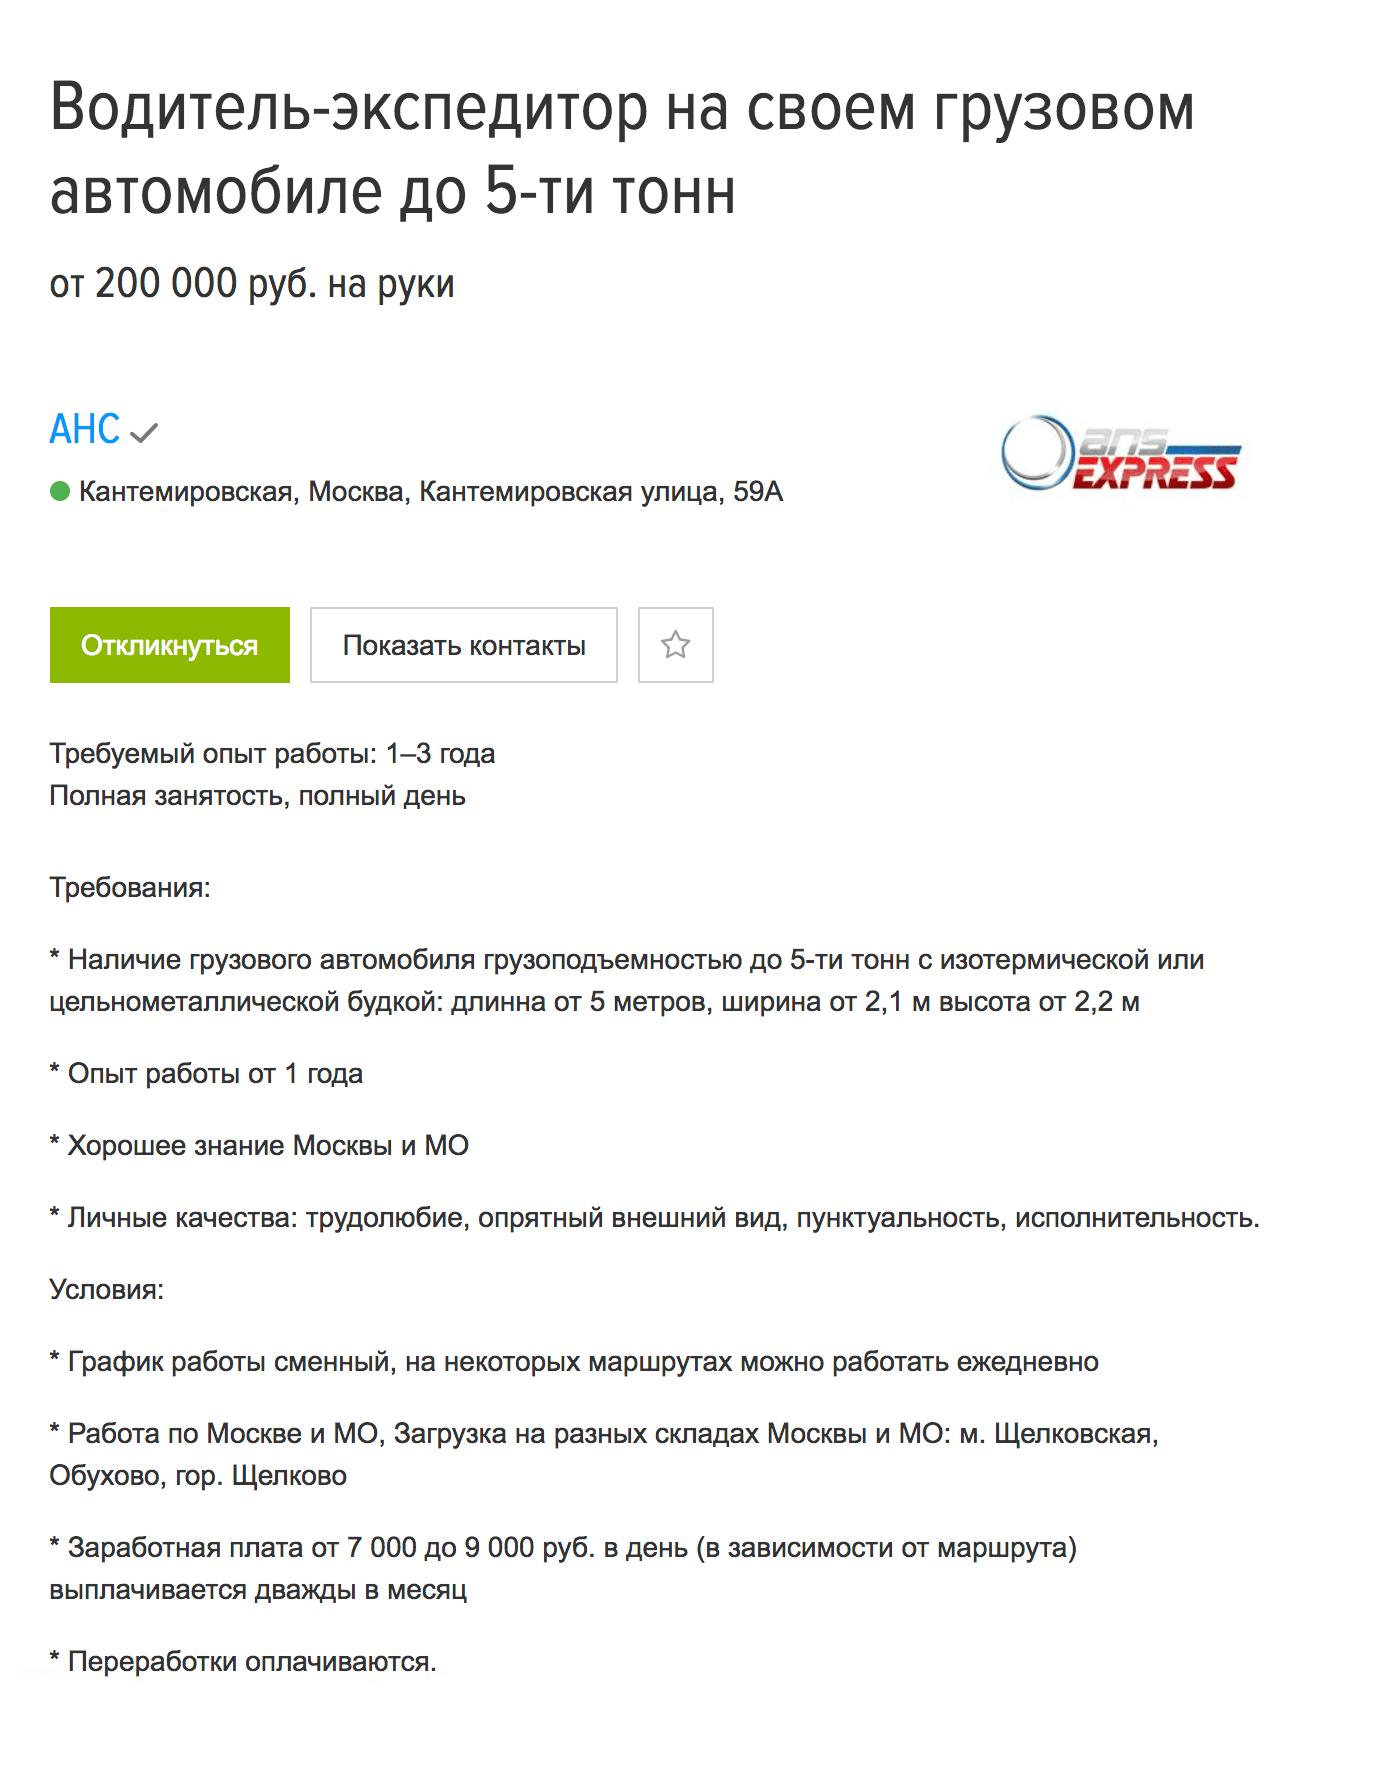 Требования к водителю на зарплату в 200 000 р. не самые запредельные — права, свой грузовик и опыт работы 1—3 года. Вакансия на «Хедхантере»